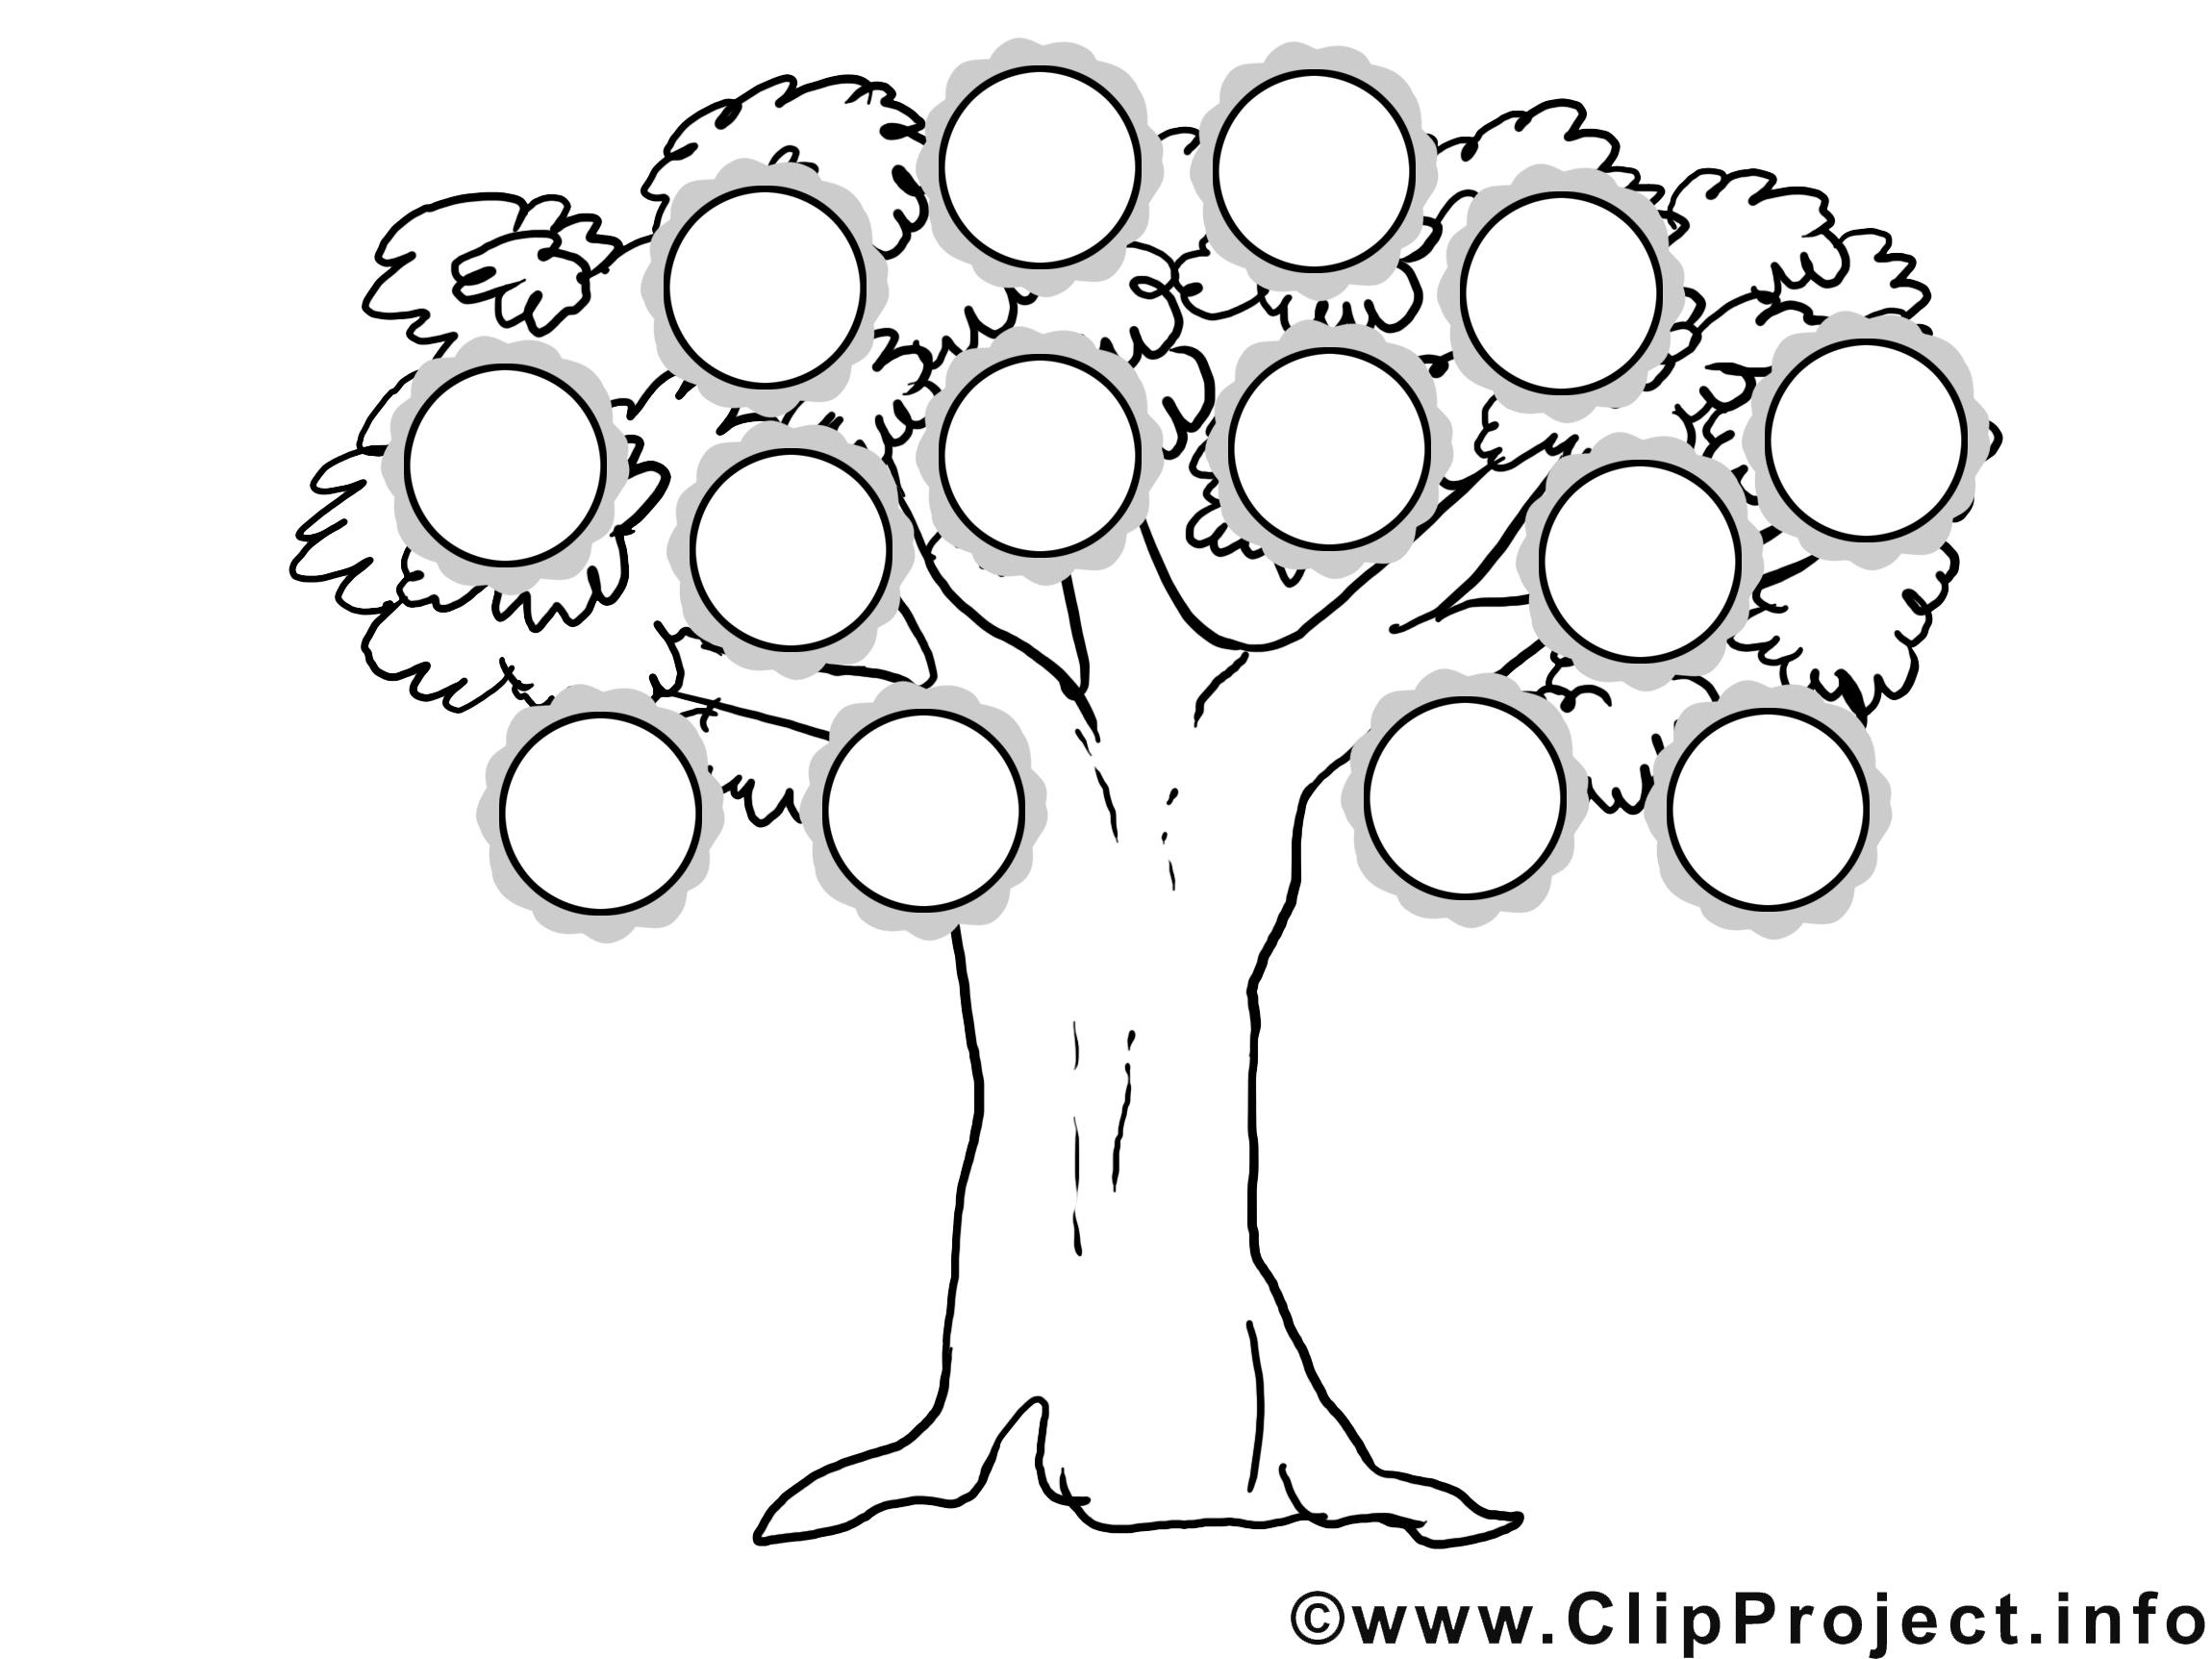 Dessin gratuit arbre g n alogique colorier mod les - Arbre a colorier ...